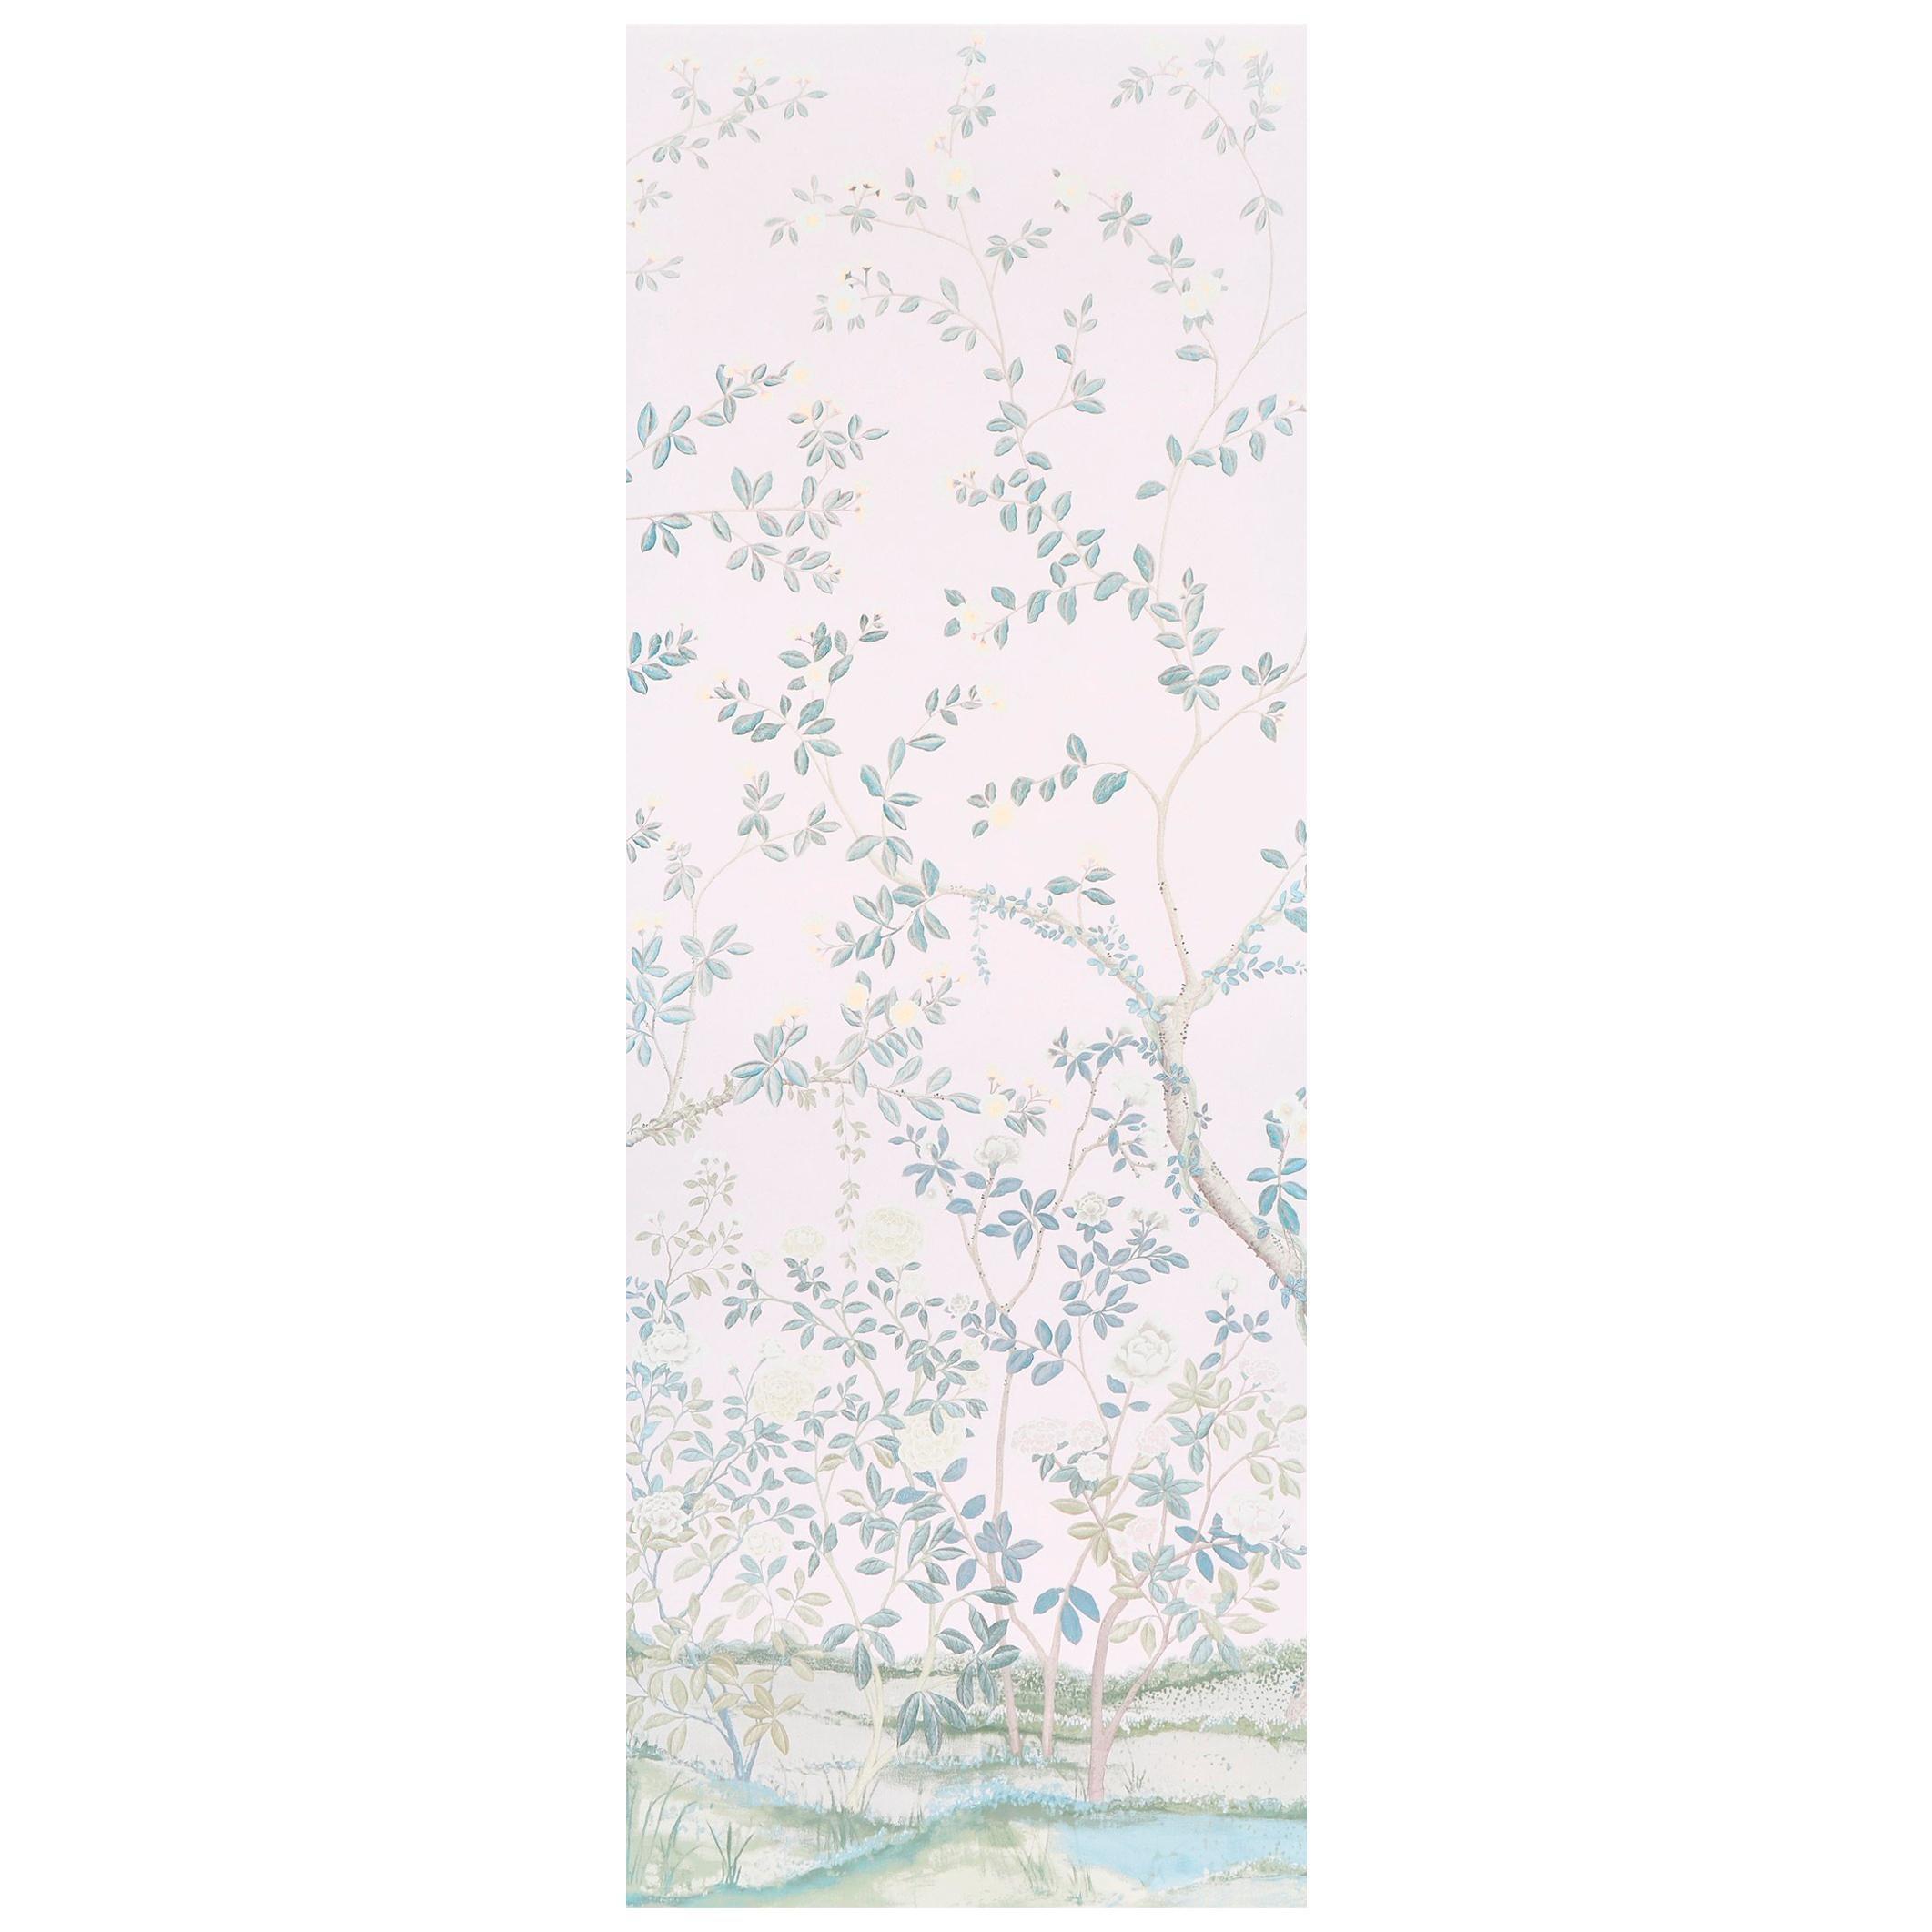 Schumacher Miles Redd Madame de Pompadour Blush Wallpaper Panel Unit